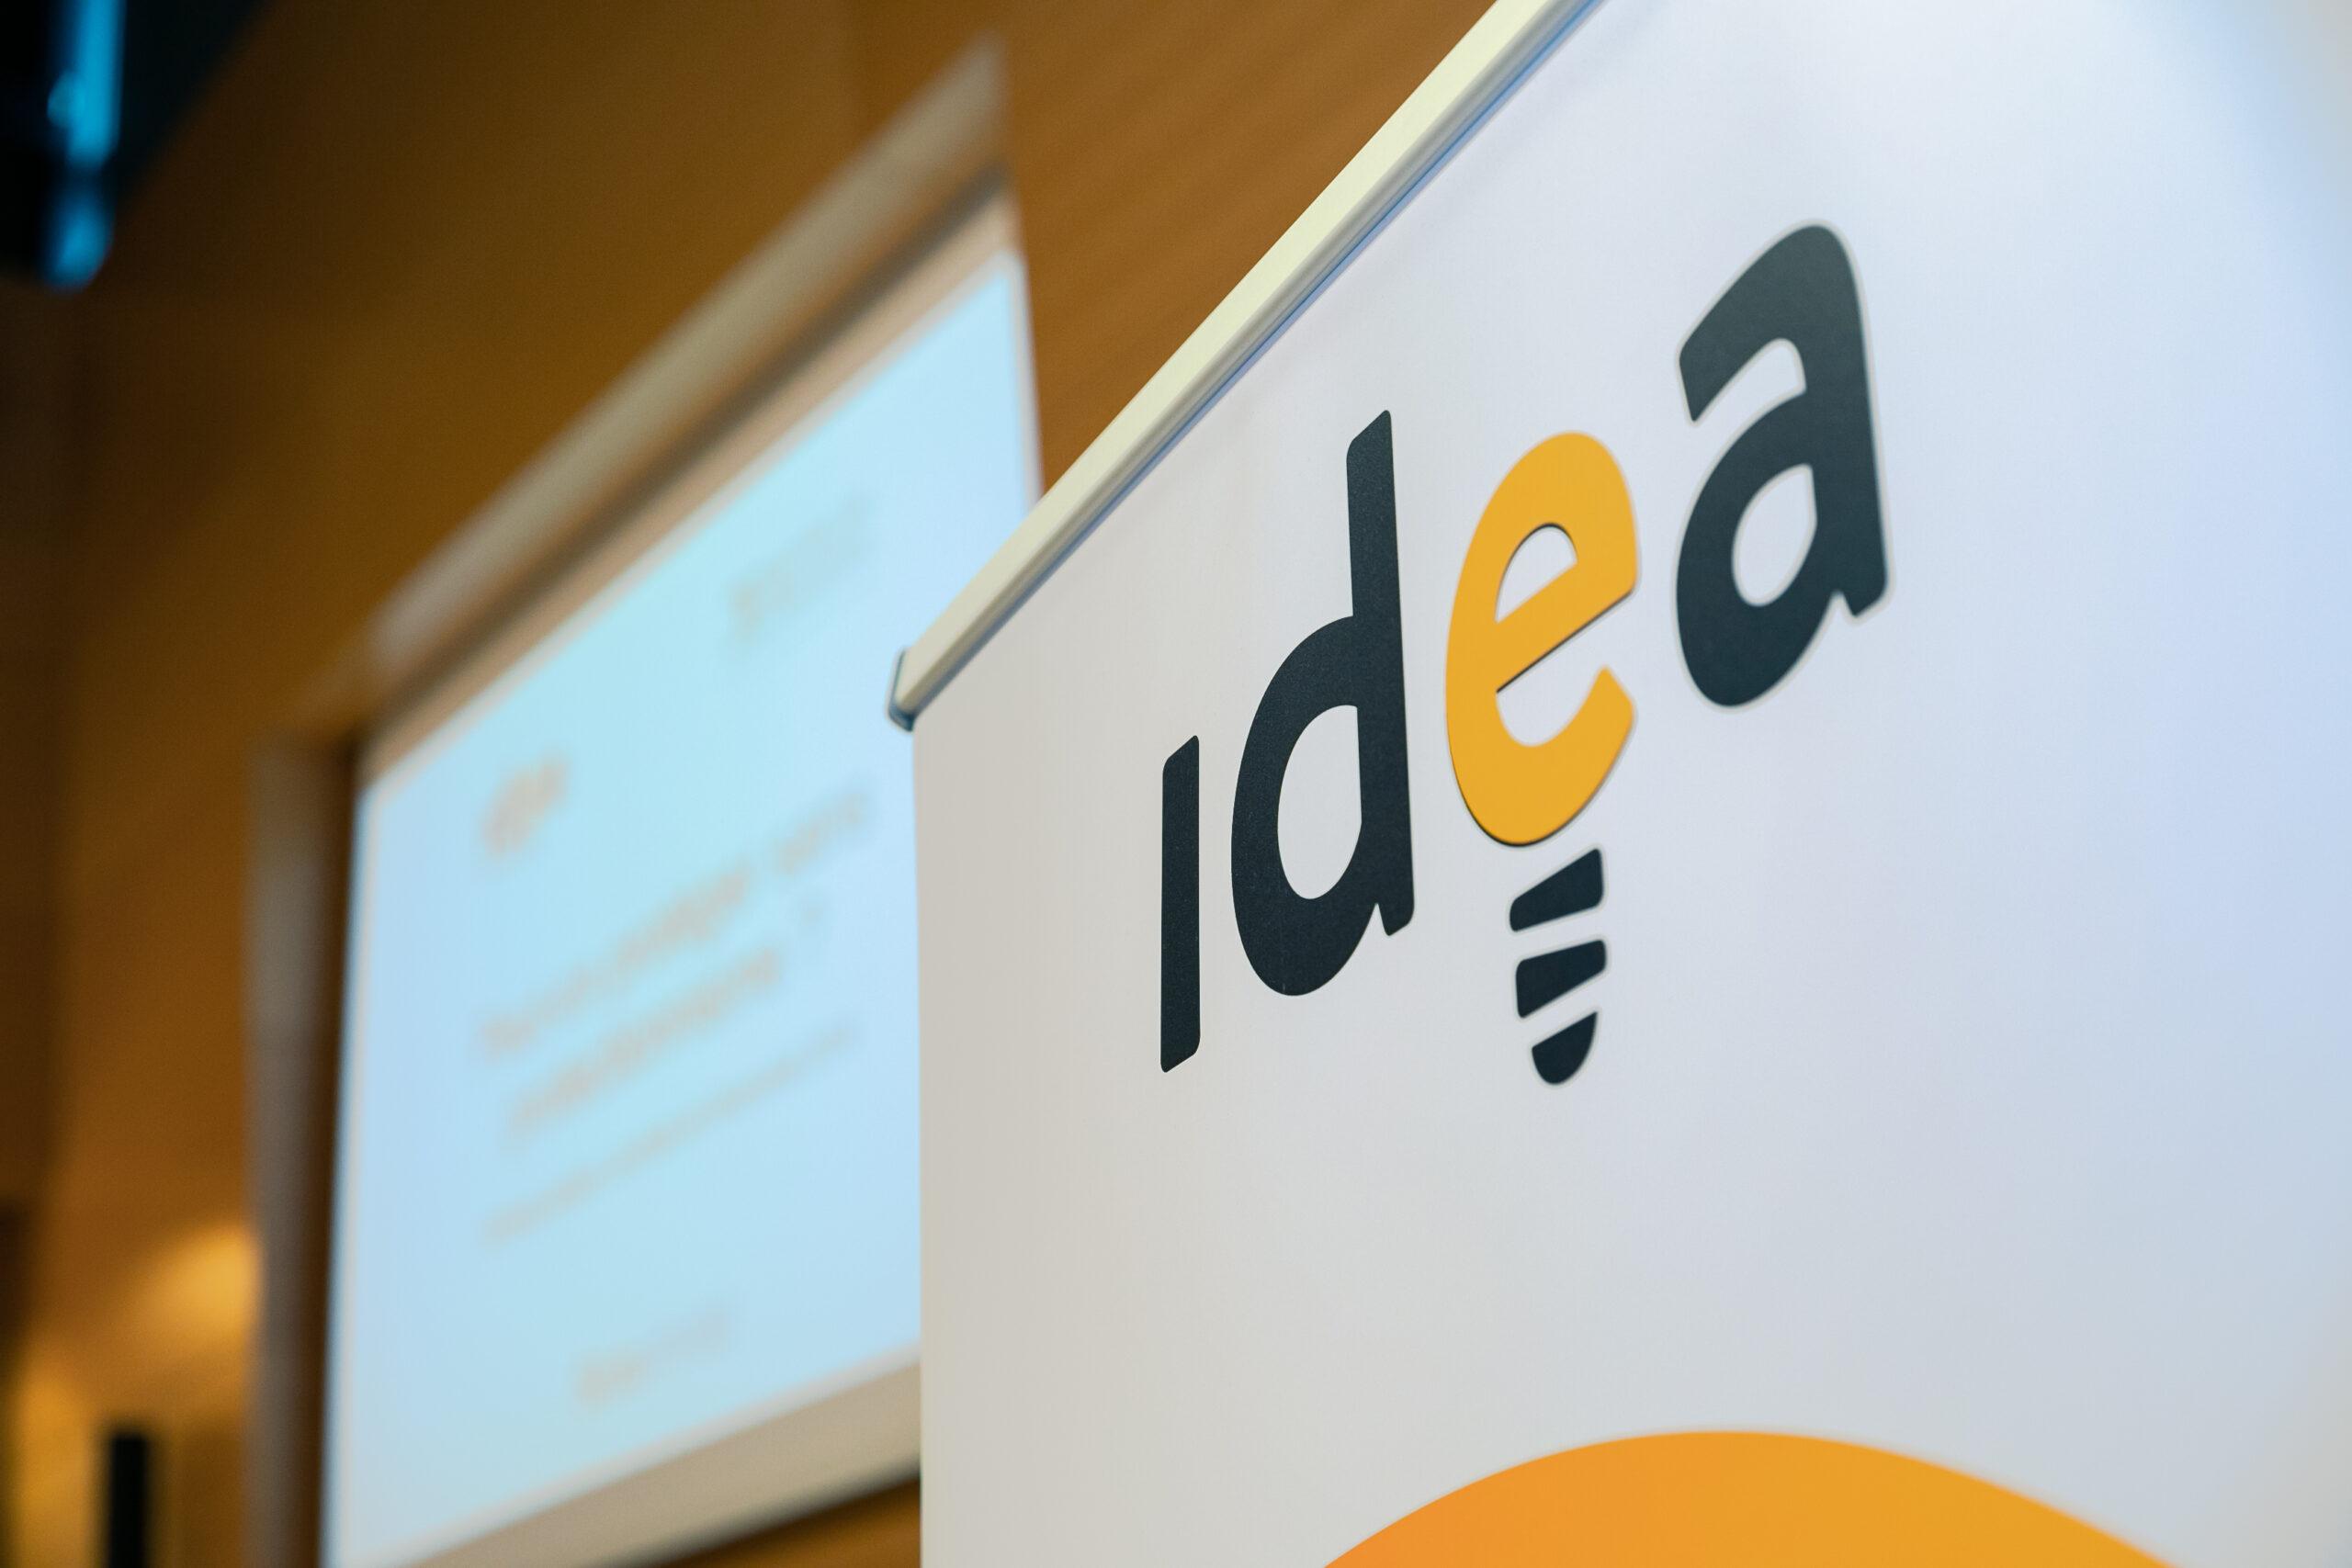 la candidature est à déposer auprès d'idea. L'image représente donc le logo d'IDEA sur un fond blanc